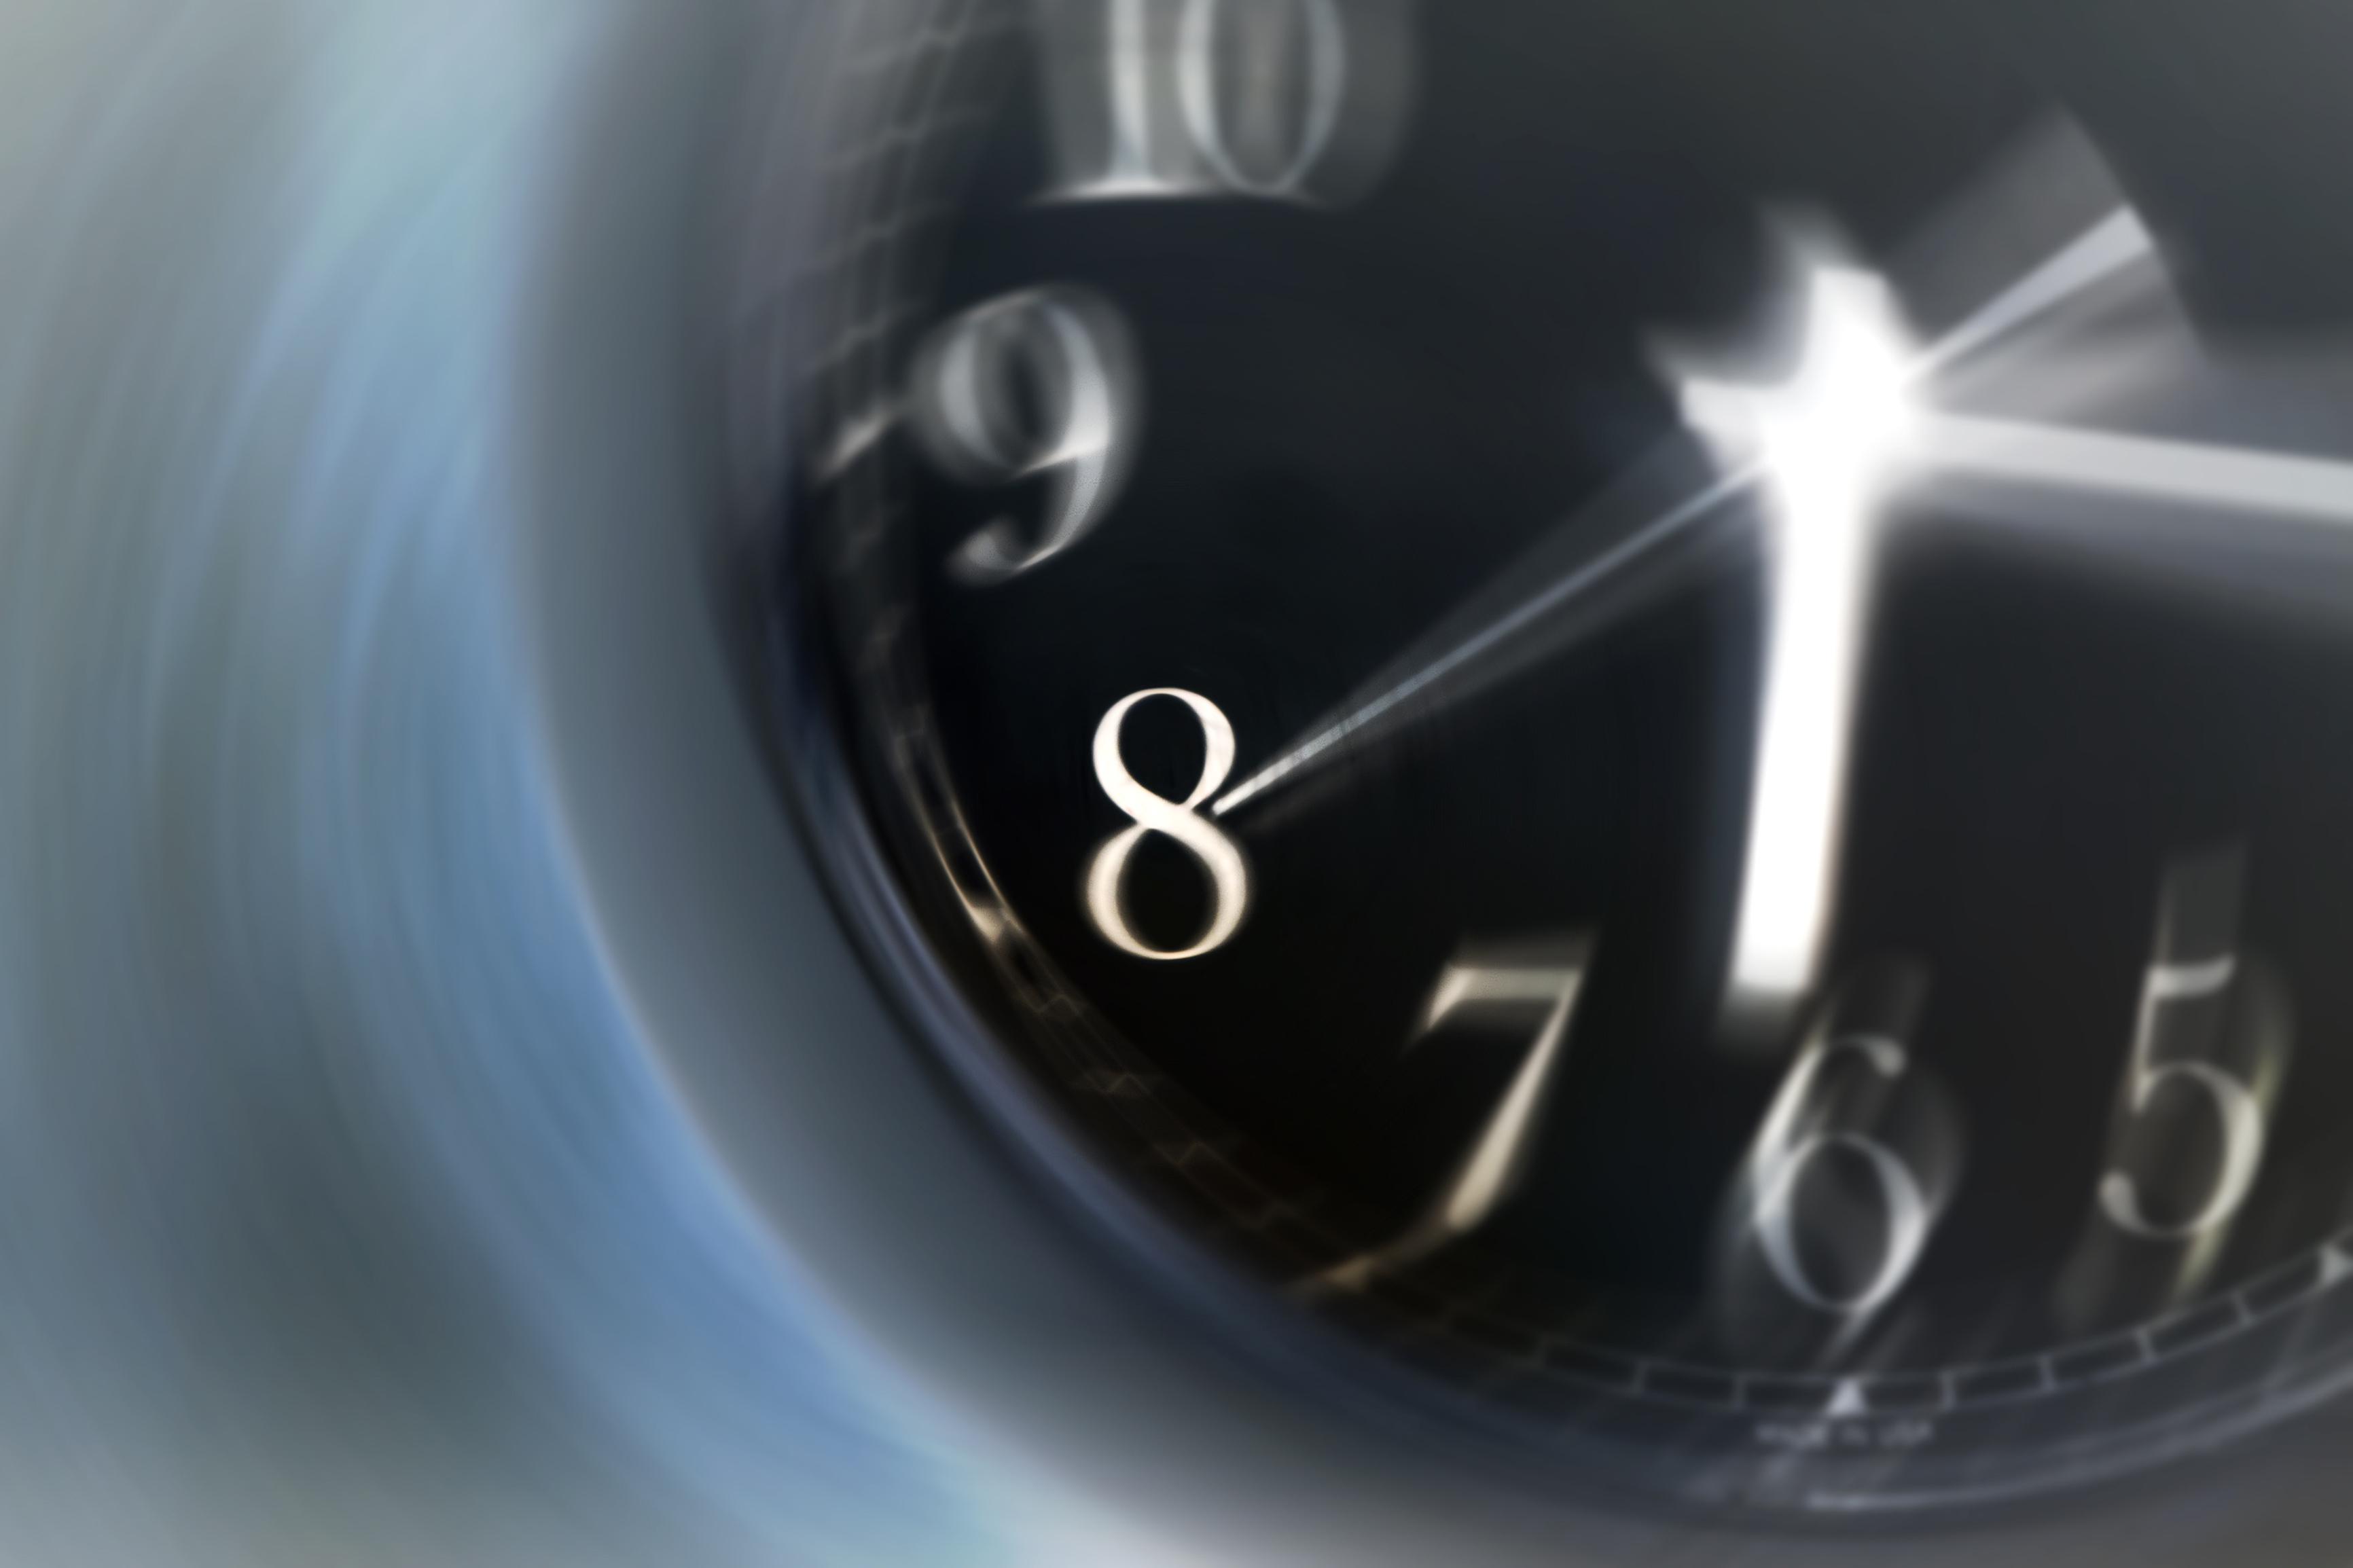 Horloge en mouvement - Notaire Contrecoeur